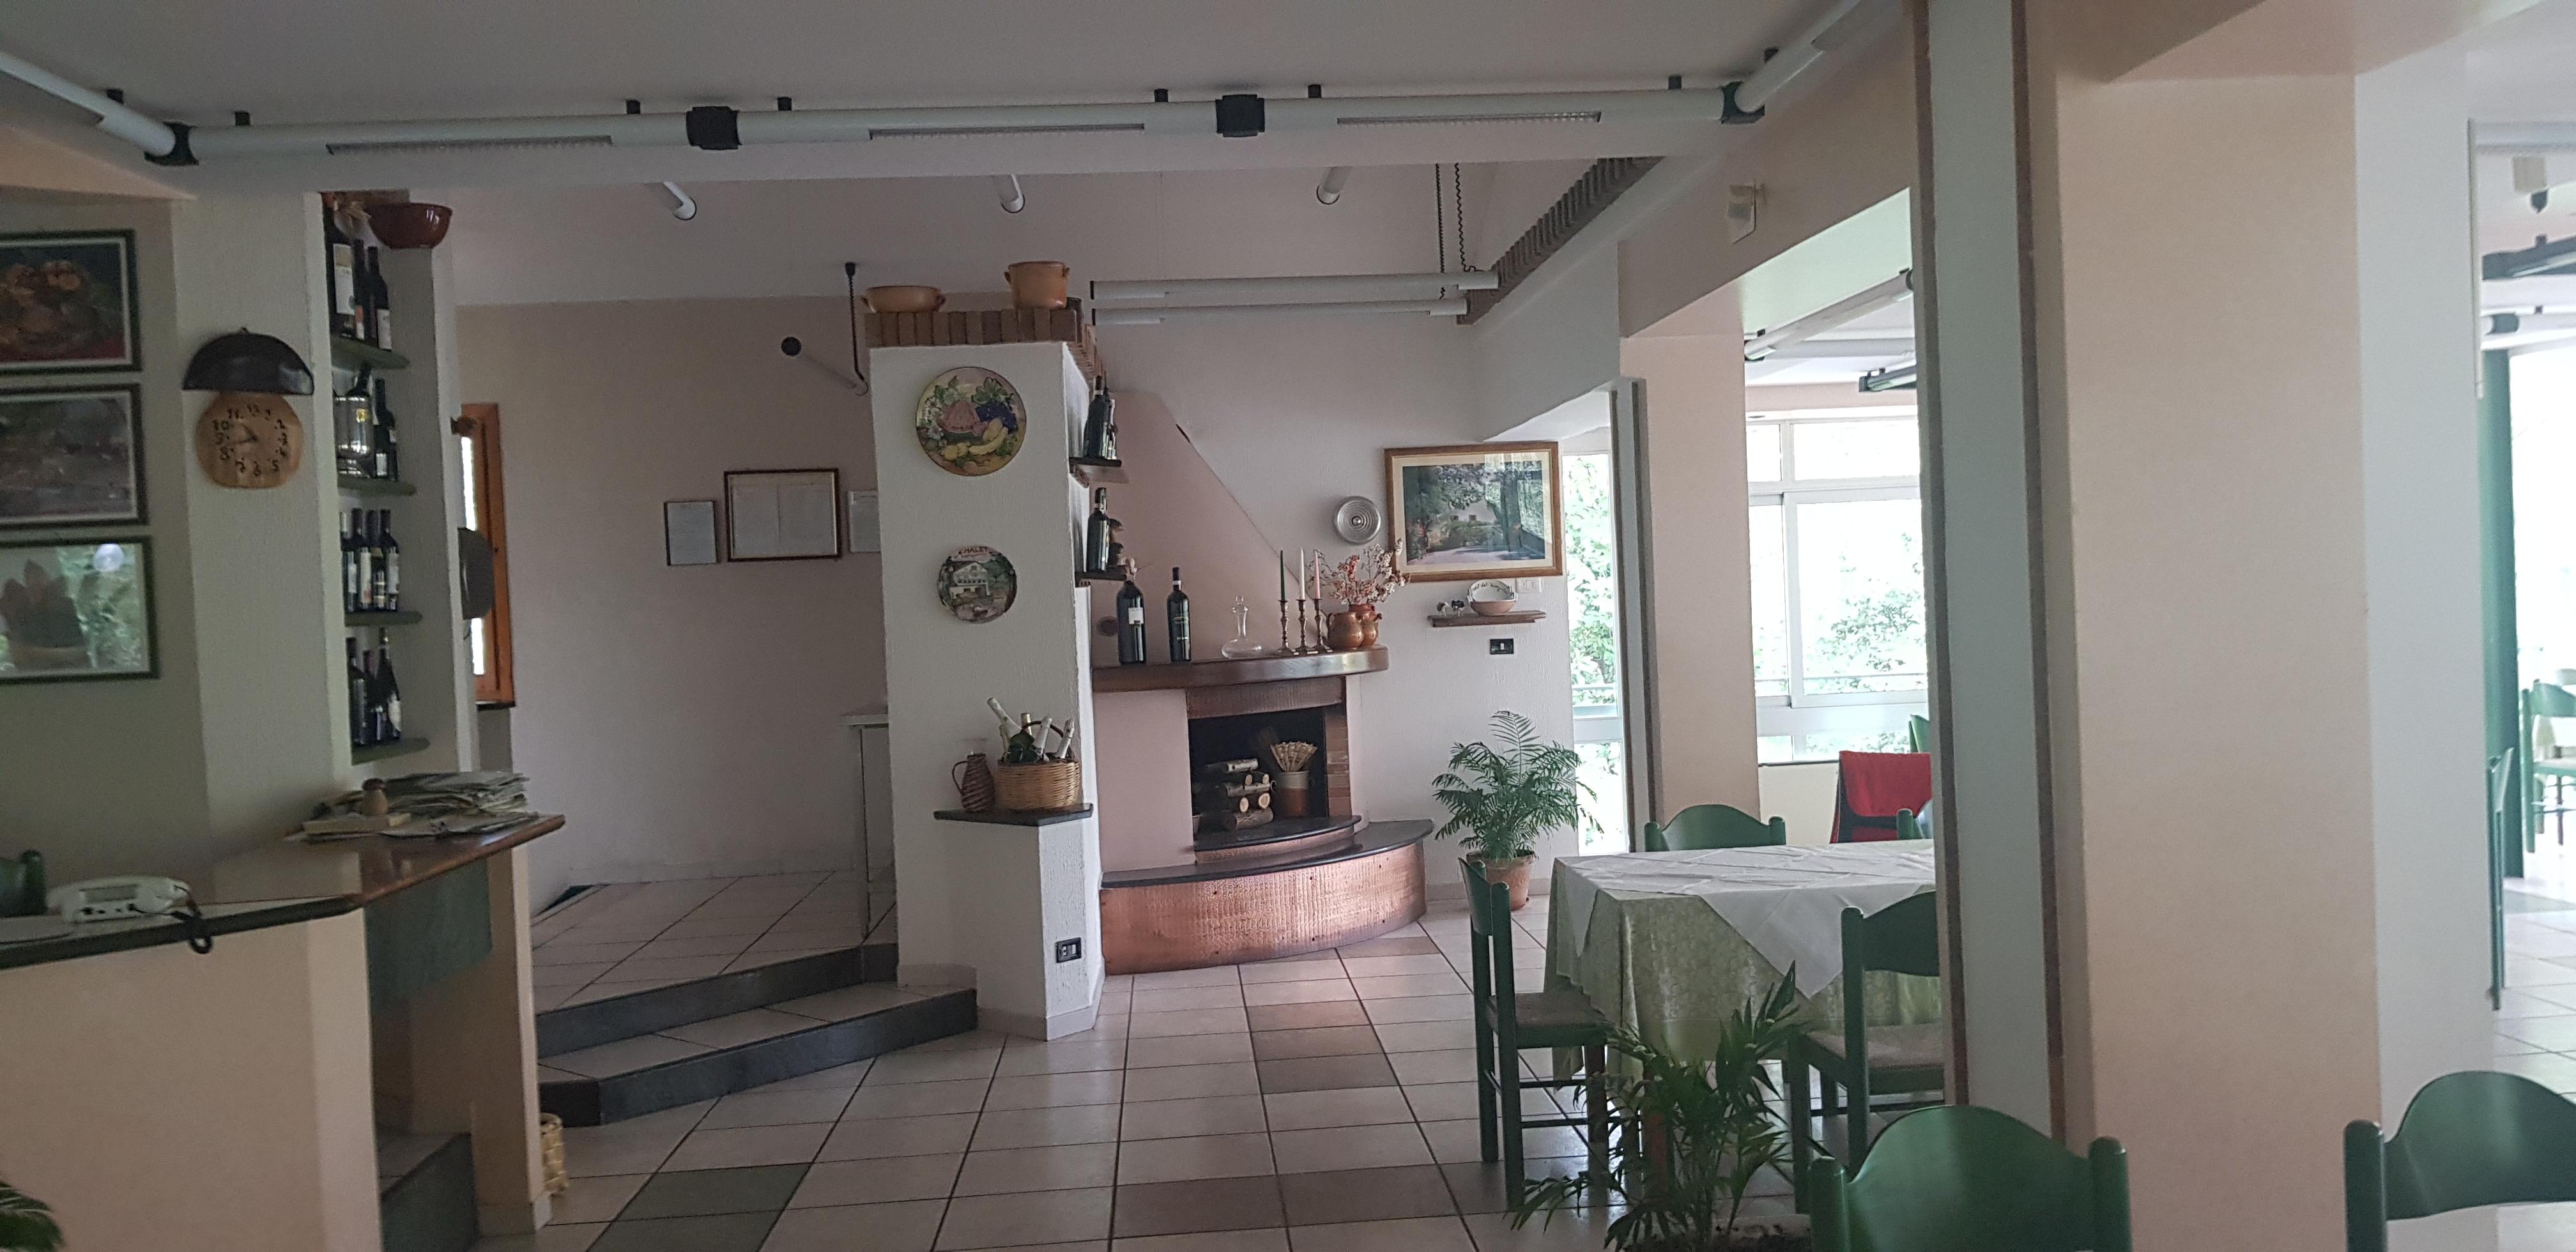 Serino (AV) Ristorante-albergo a pochi km da Avellino